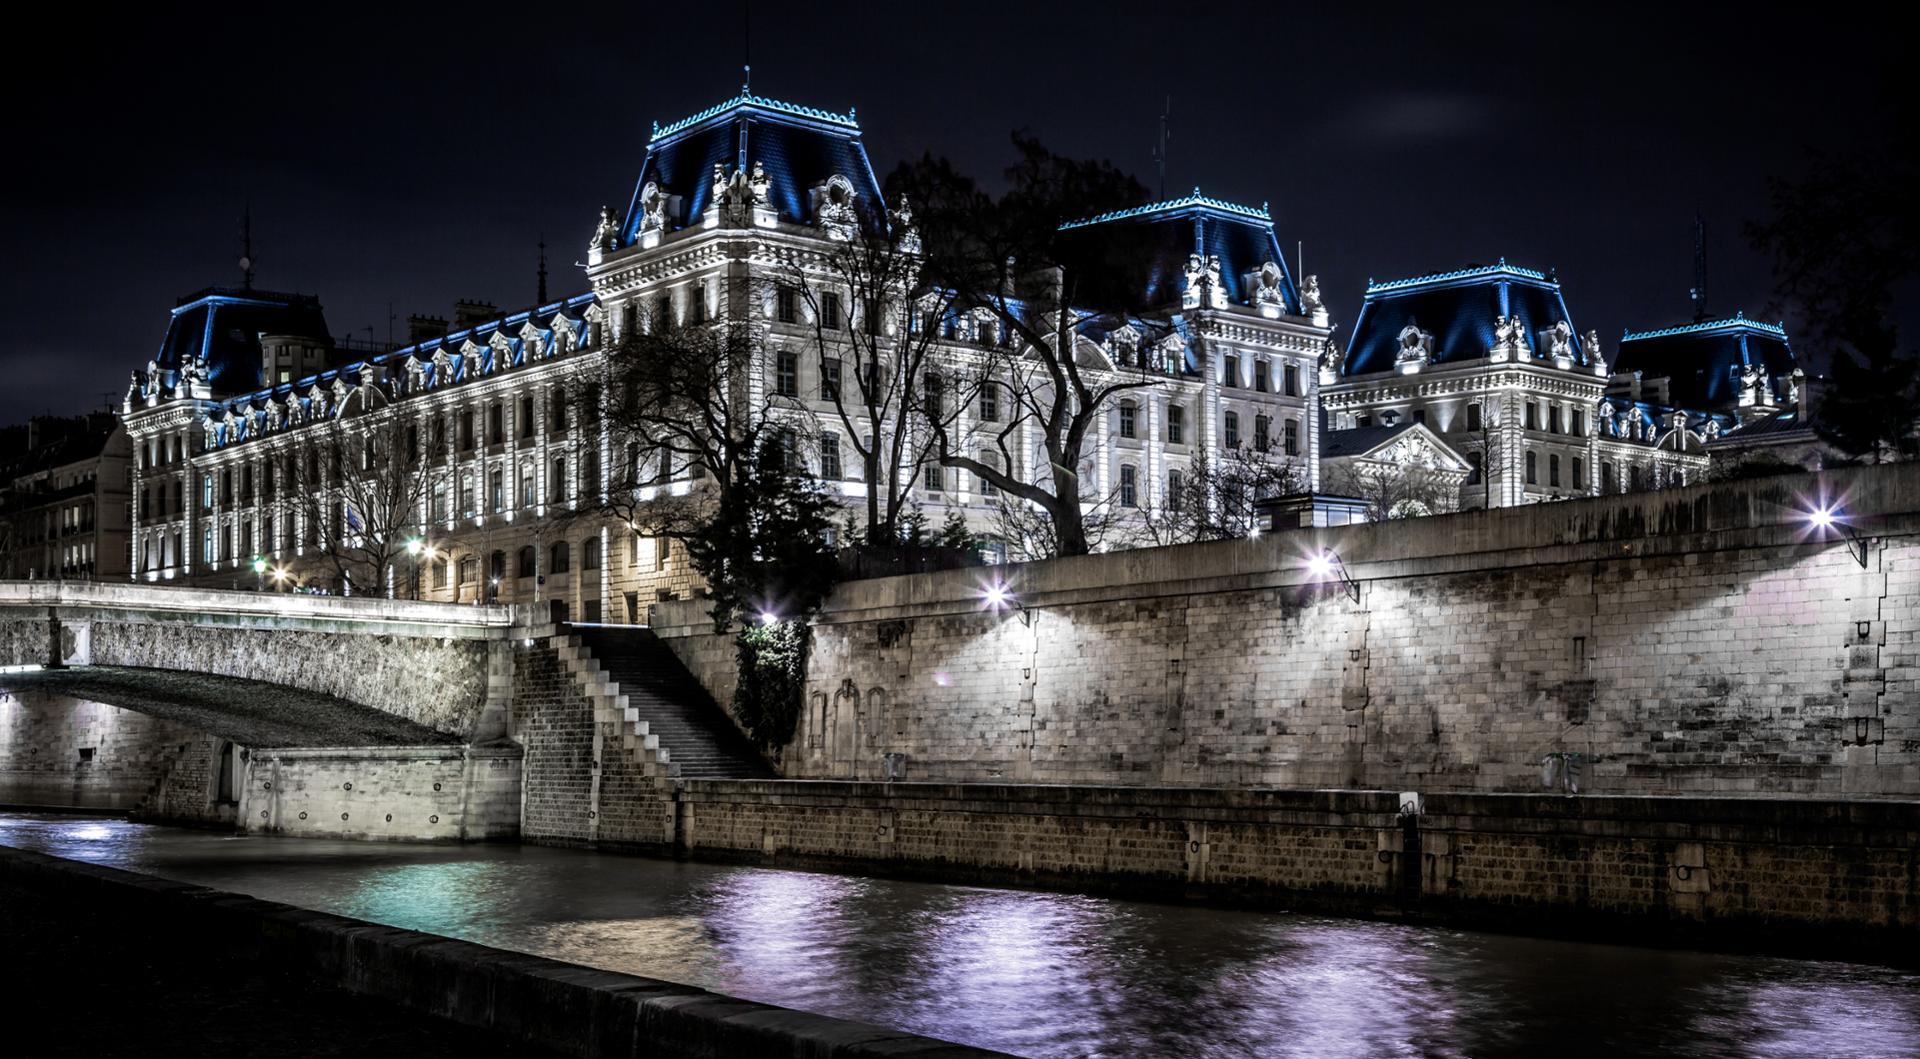 Promenade nocturne sur les quais - Paris